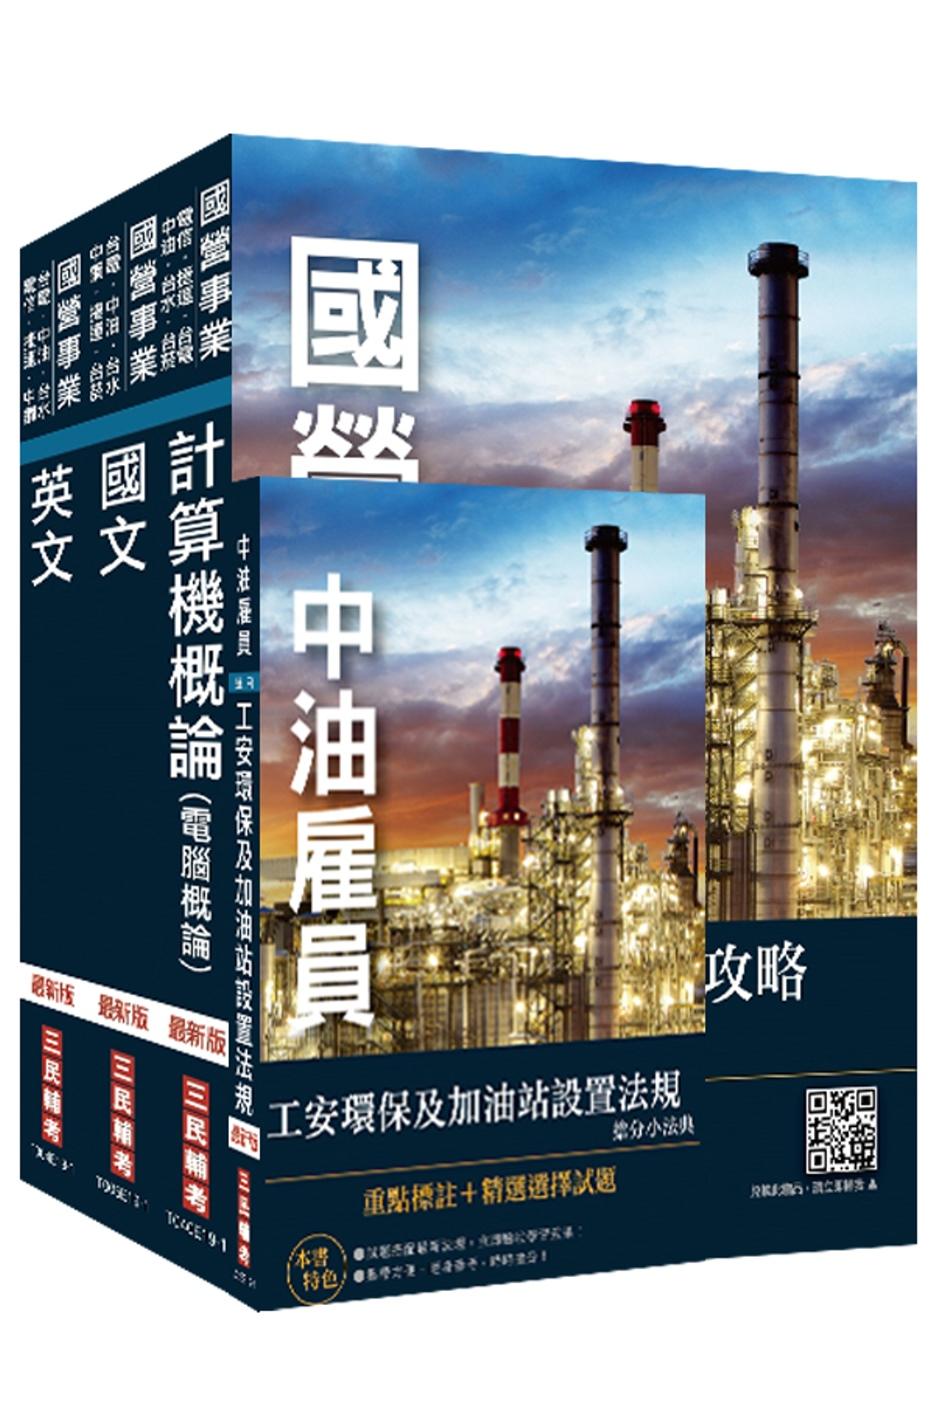 2020年中油新進雇員[加油站儲備幹部類]套書(不含電機機械) (贈公職英文單字[基礎篇])(重點彙整+考題收錄+命題趨勢)